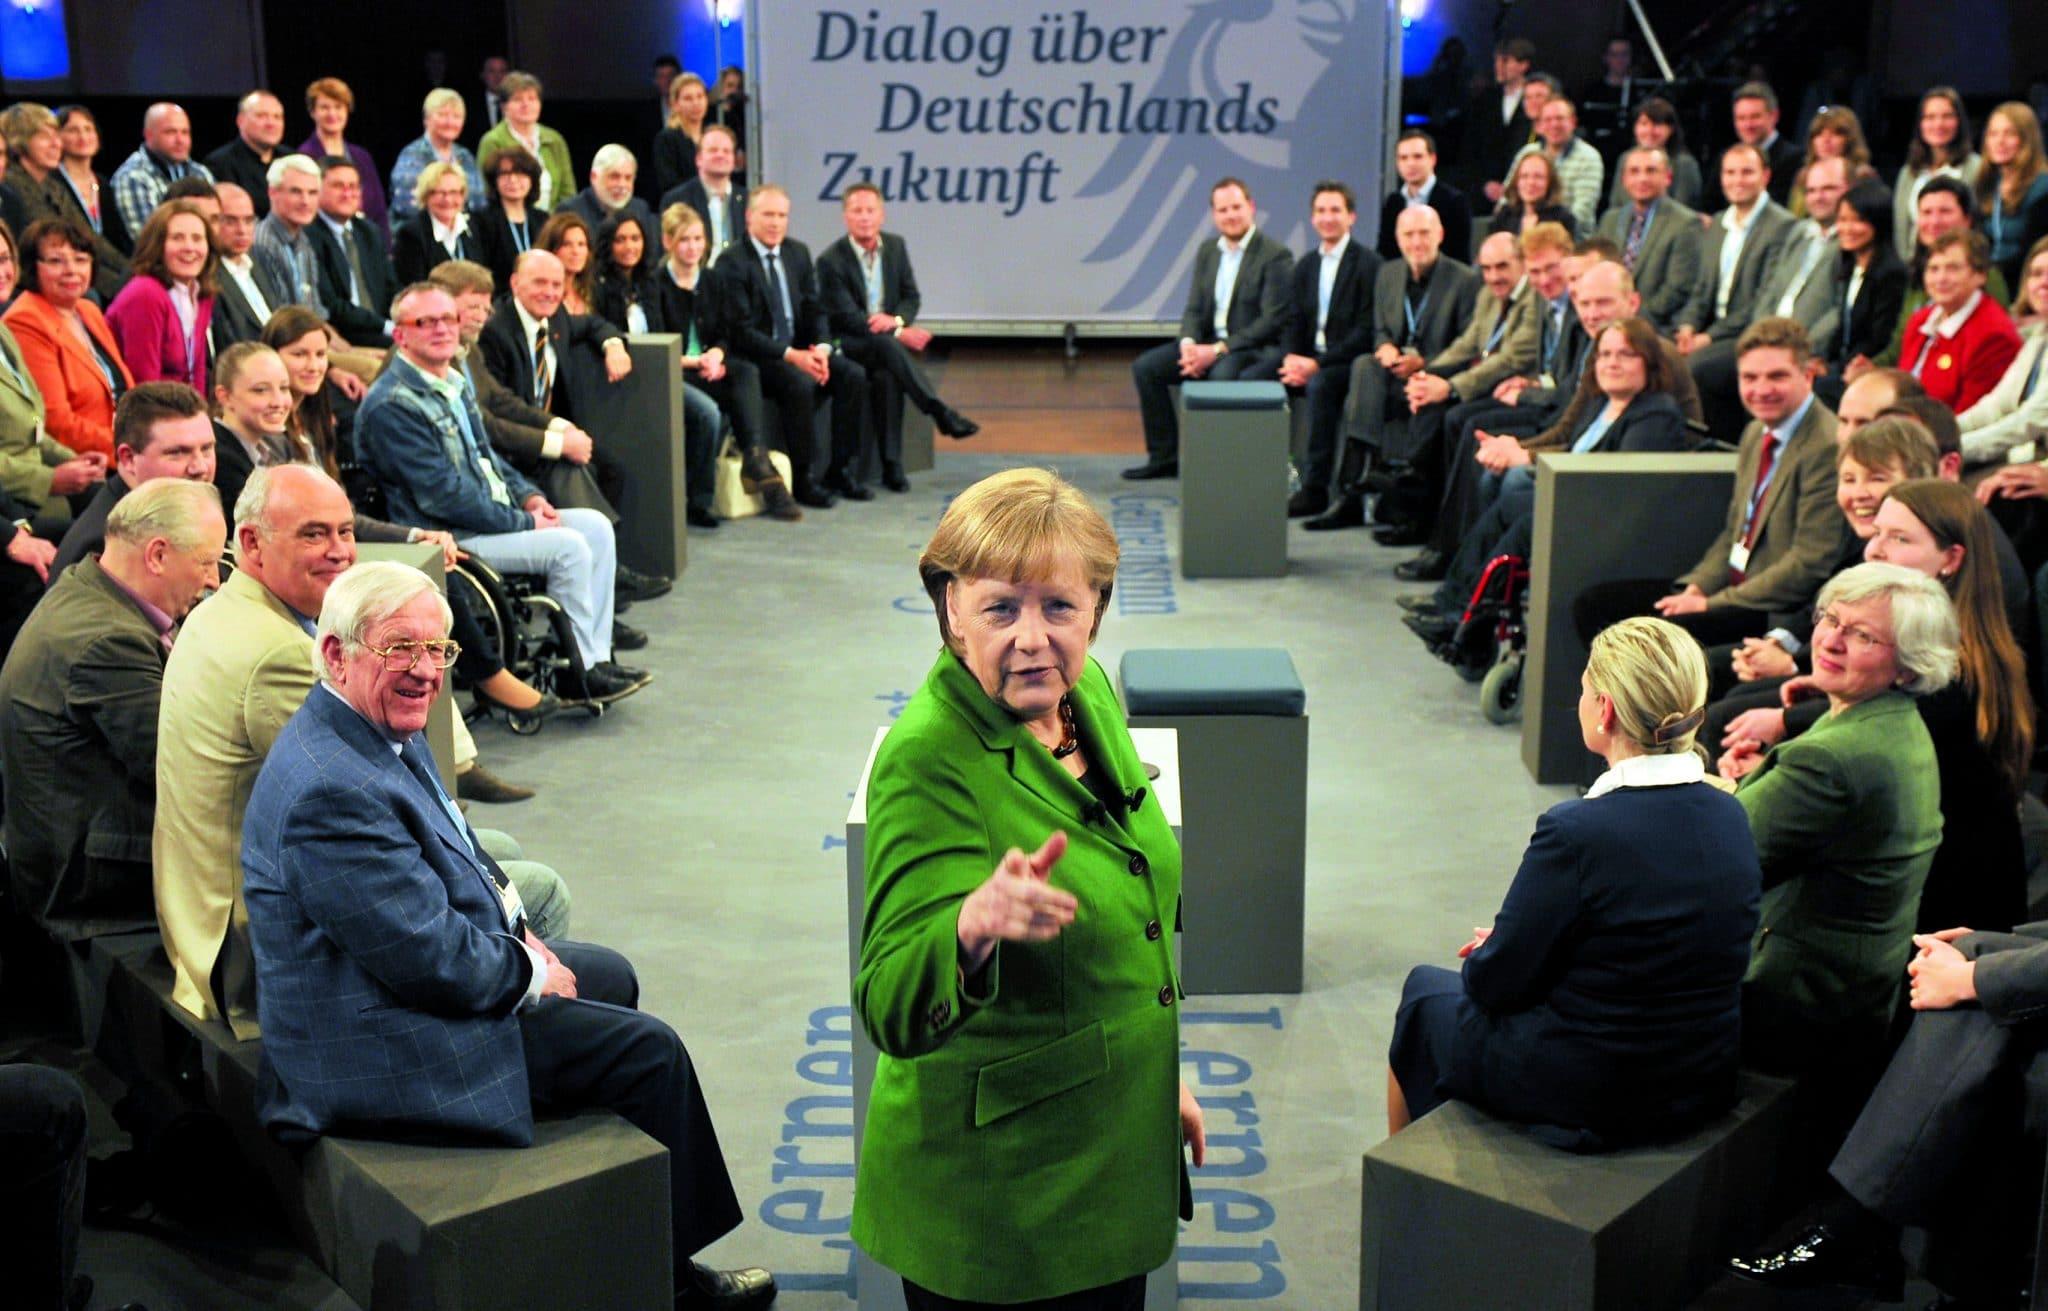 """Angela Merkel beim Bürgergespräch Mitte März in Heidelberg: """"Ich nehme das auf"""". Foto: Torsten Silz/dapd"""